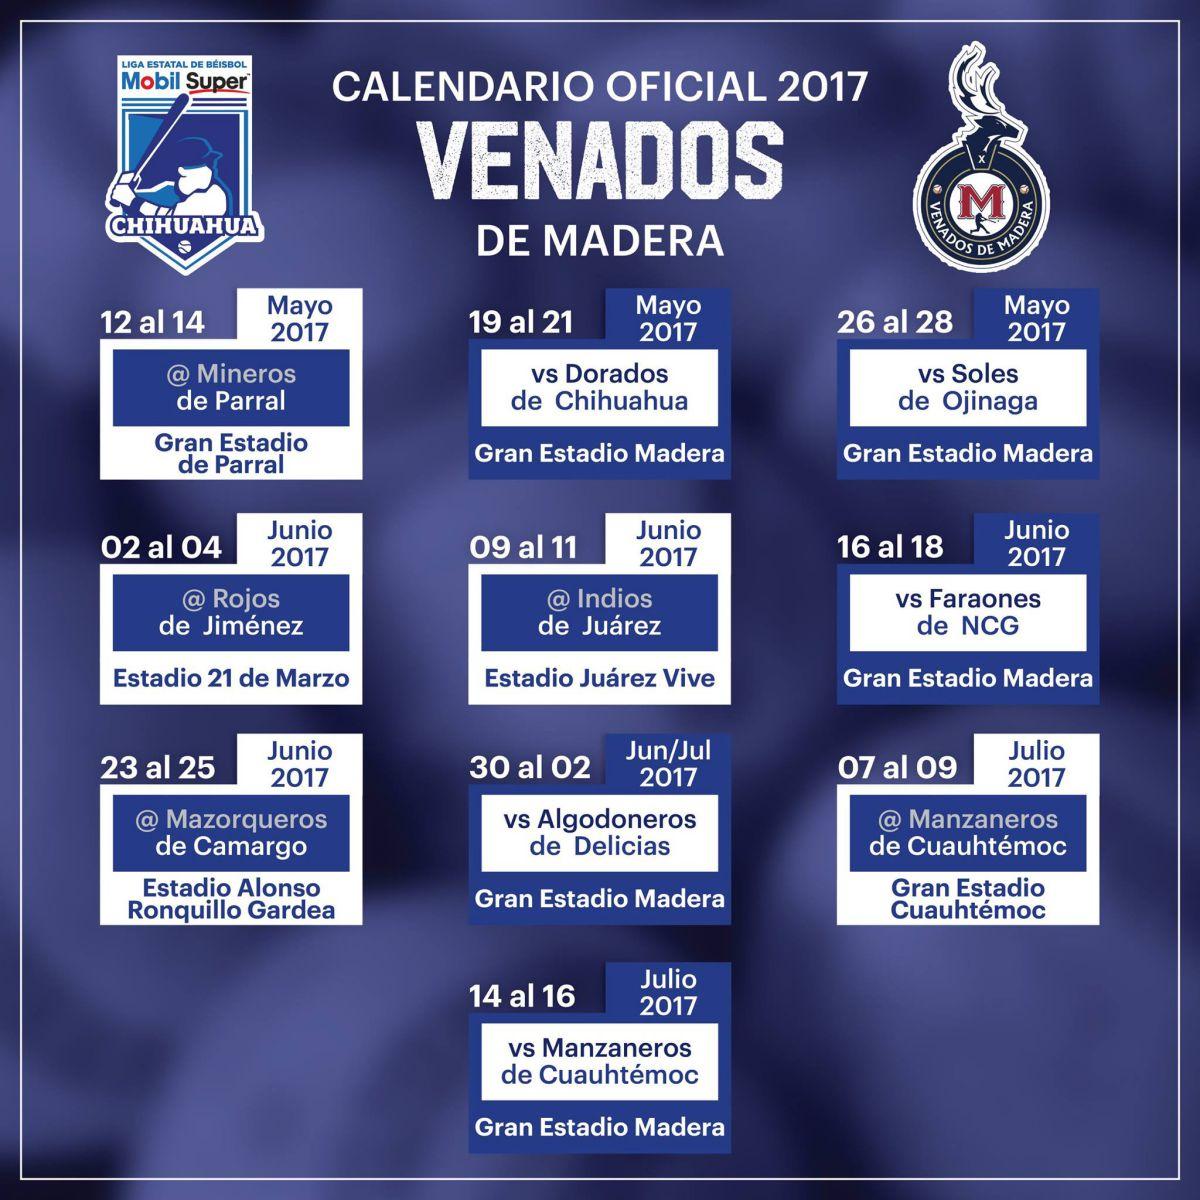 vendados calendario beisbol chihuahua 2017